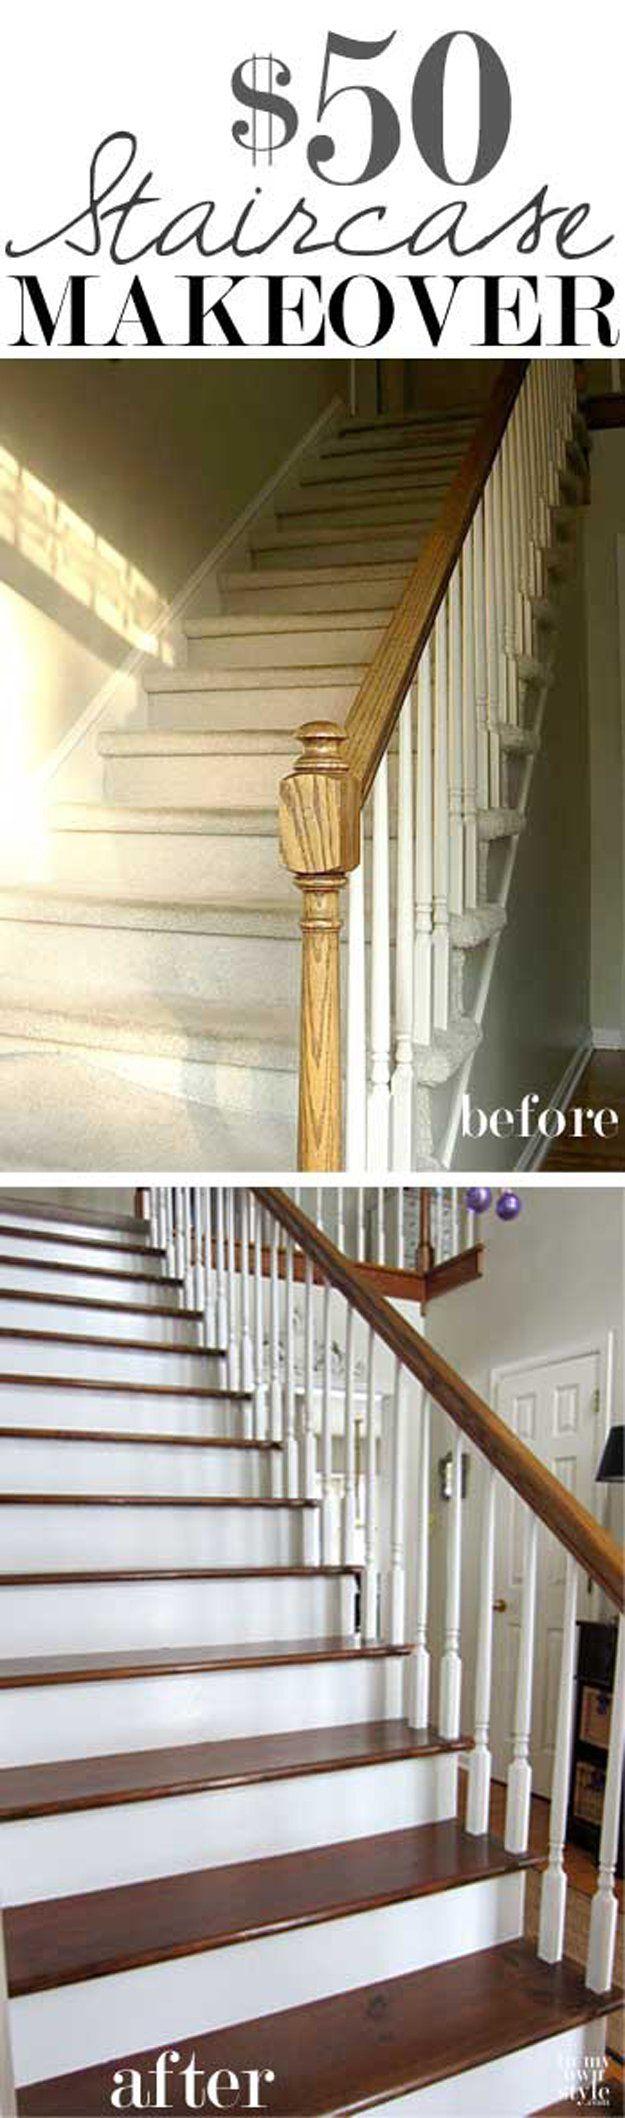 Hoteles Ideas Renovación DIY y Proyectos | http://artesaniasdebricolaje.ru/small-budget-big-impact-upgrades/